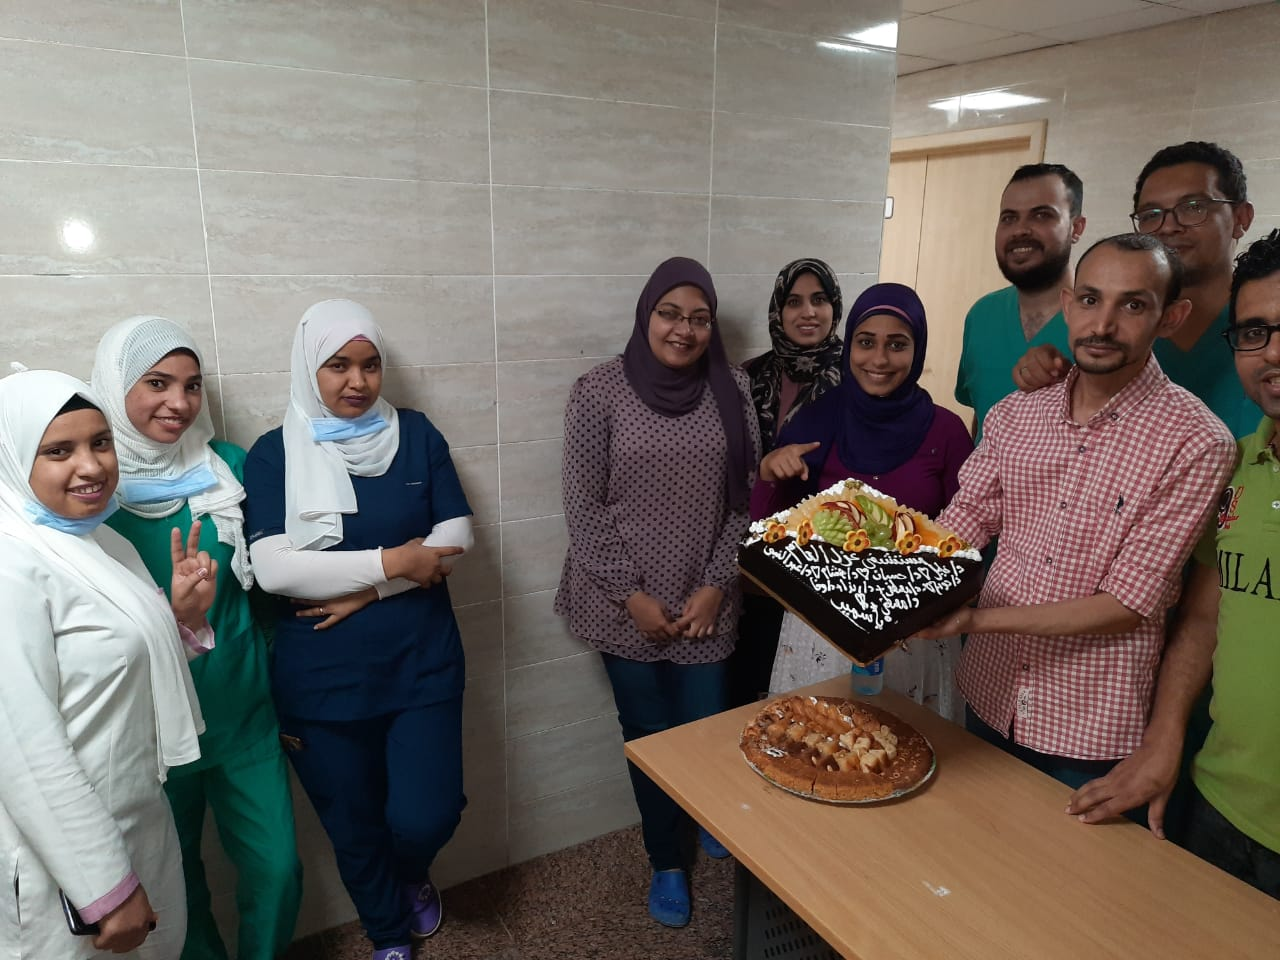 مستشفي الأقصر العام تحتفل بإنتهاء عمل الفريق الرابع للعزل الصحى  (5)